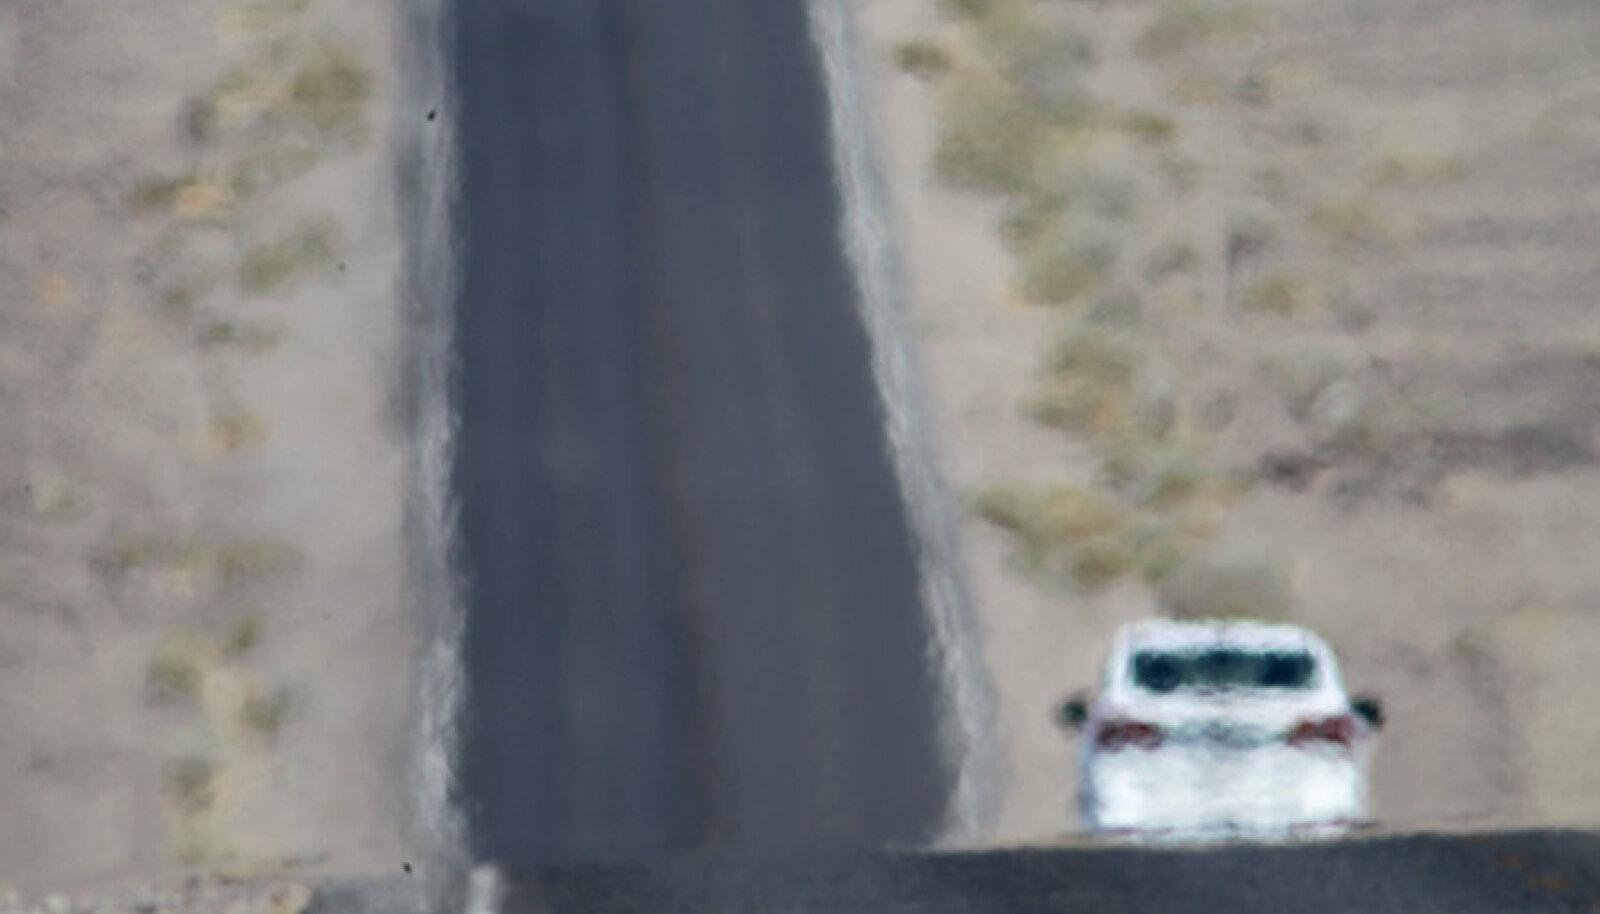 Kuumalaine Surmaorus pani ka sealsed teed proovile.